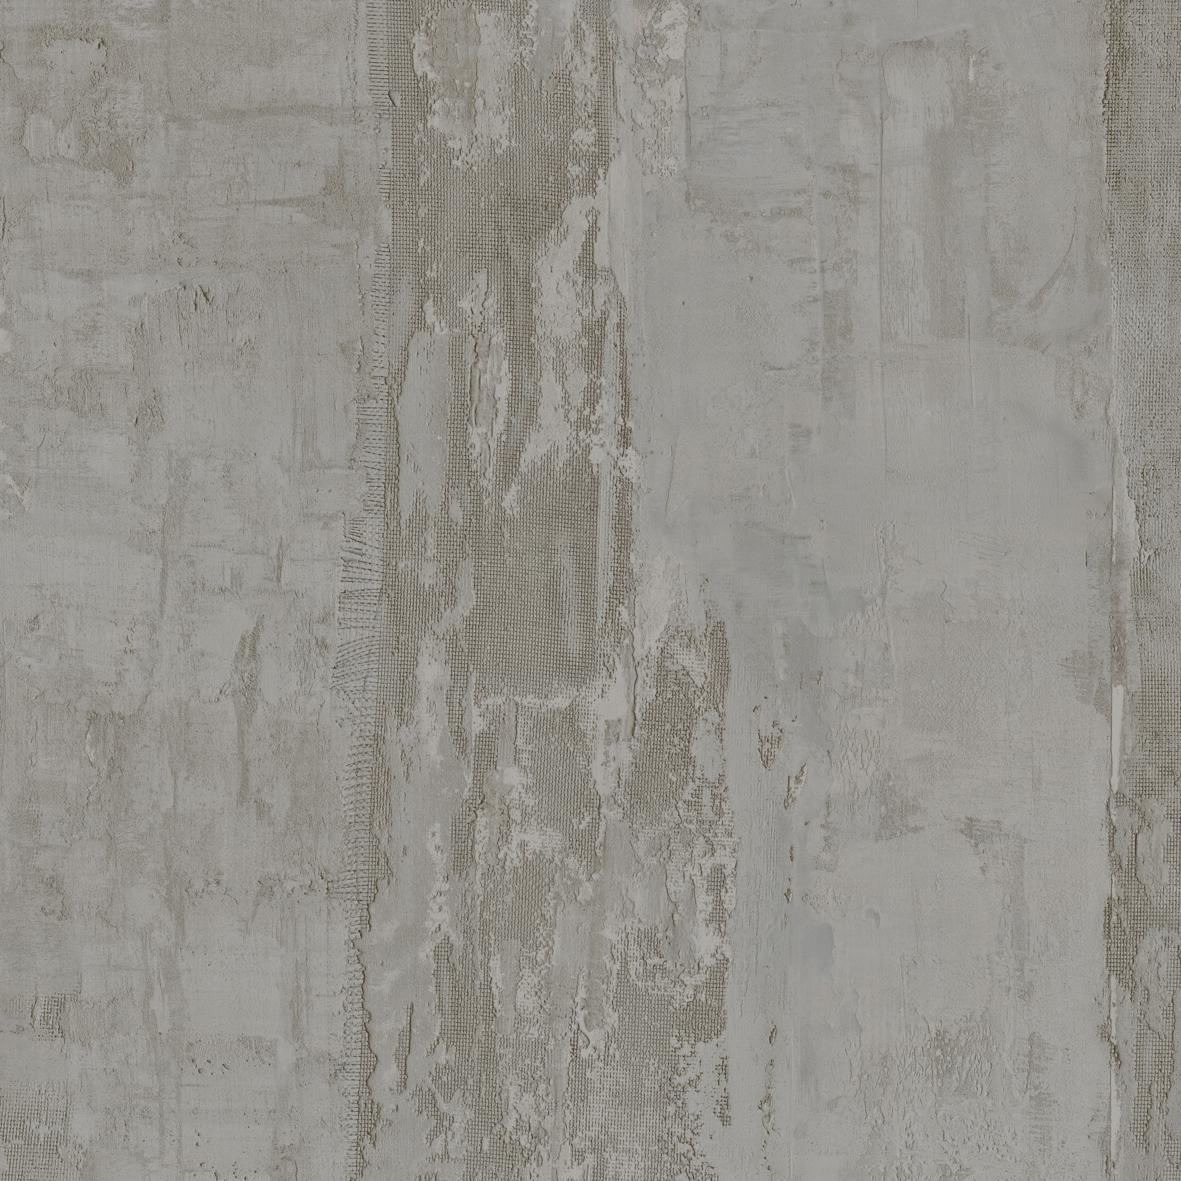 płytki podłogowe 60x60 matowe gres kolor szary nowoczesna łazienka Jacquard Grey Natural aparici